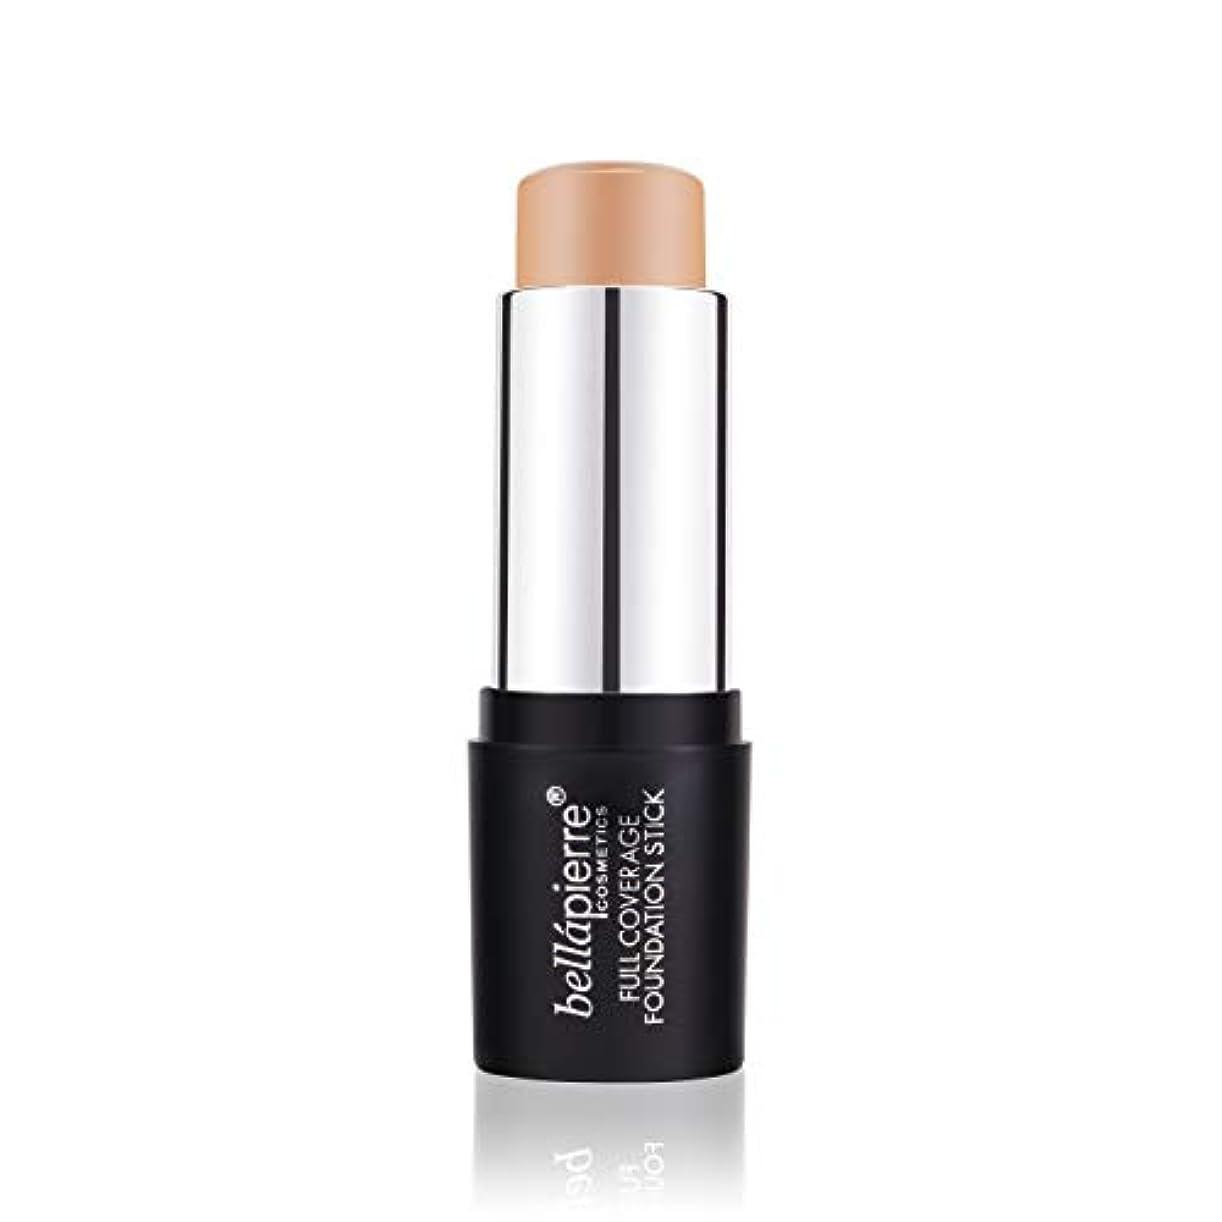 エンディング推論捕虜Bellapierre Cosmetics Full Coverage Foundation Stick - # Dark 10g/0.35oz並行輸入品